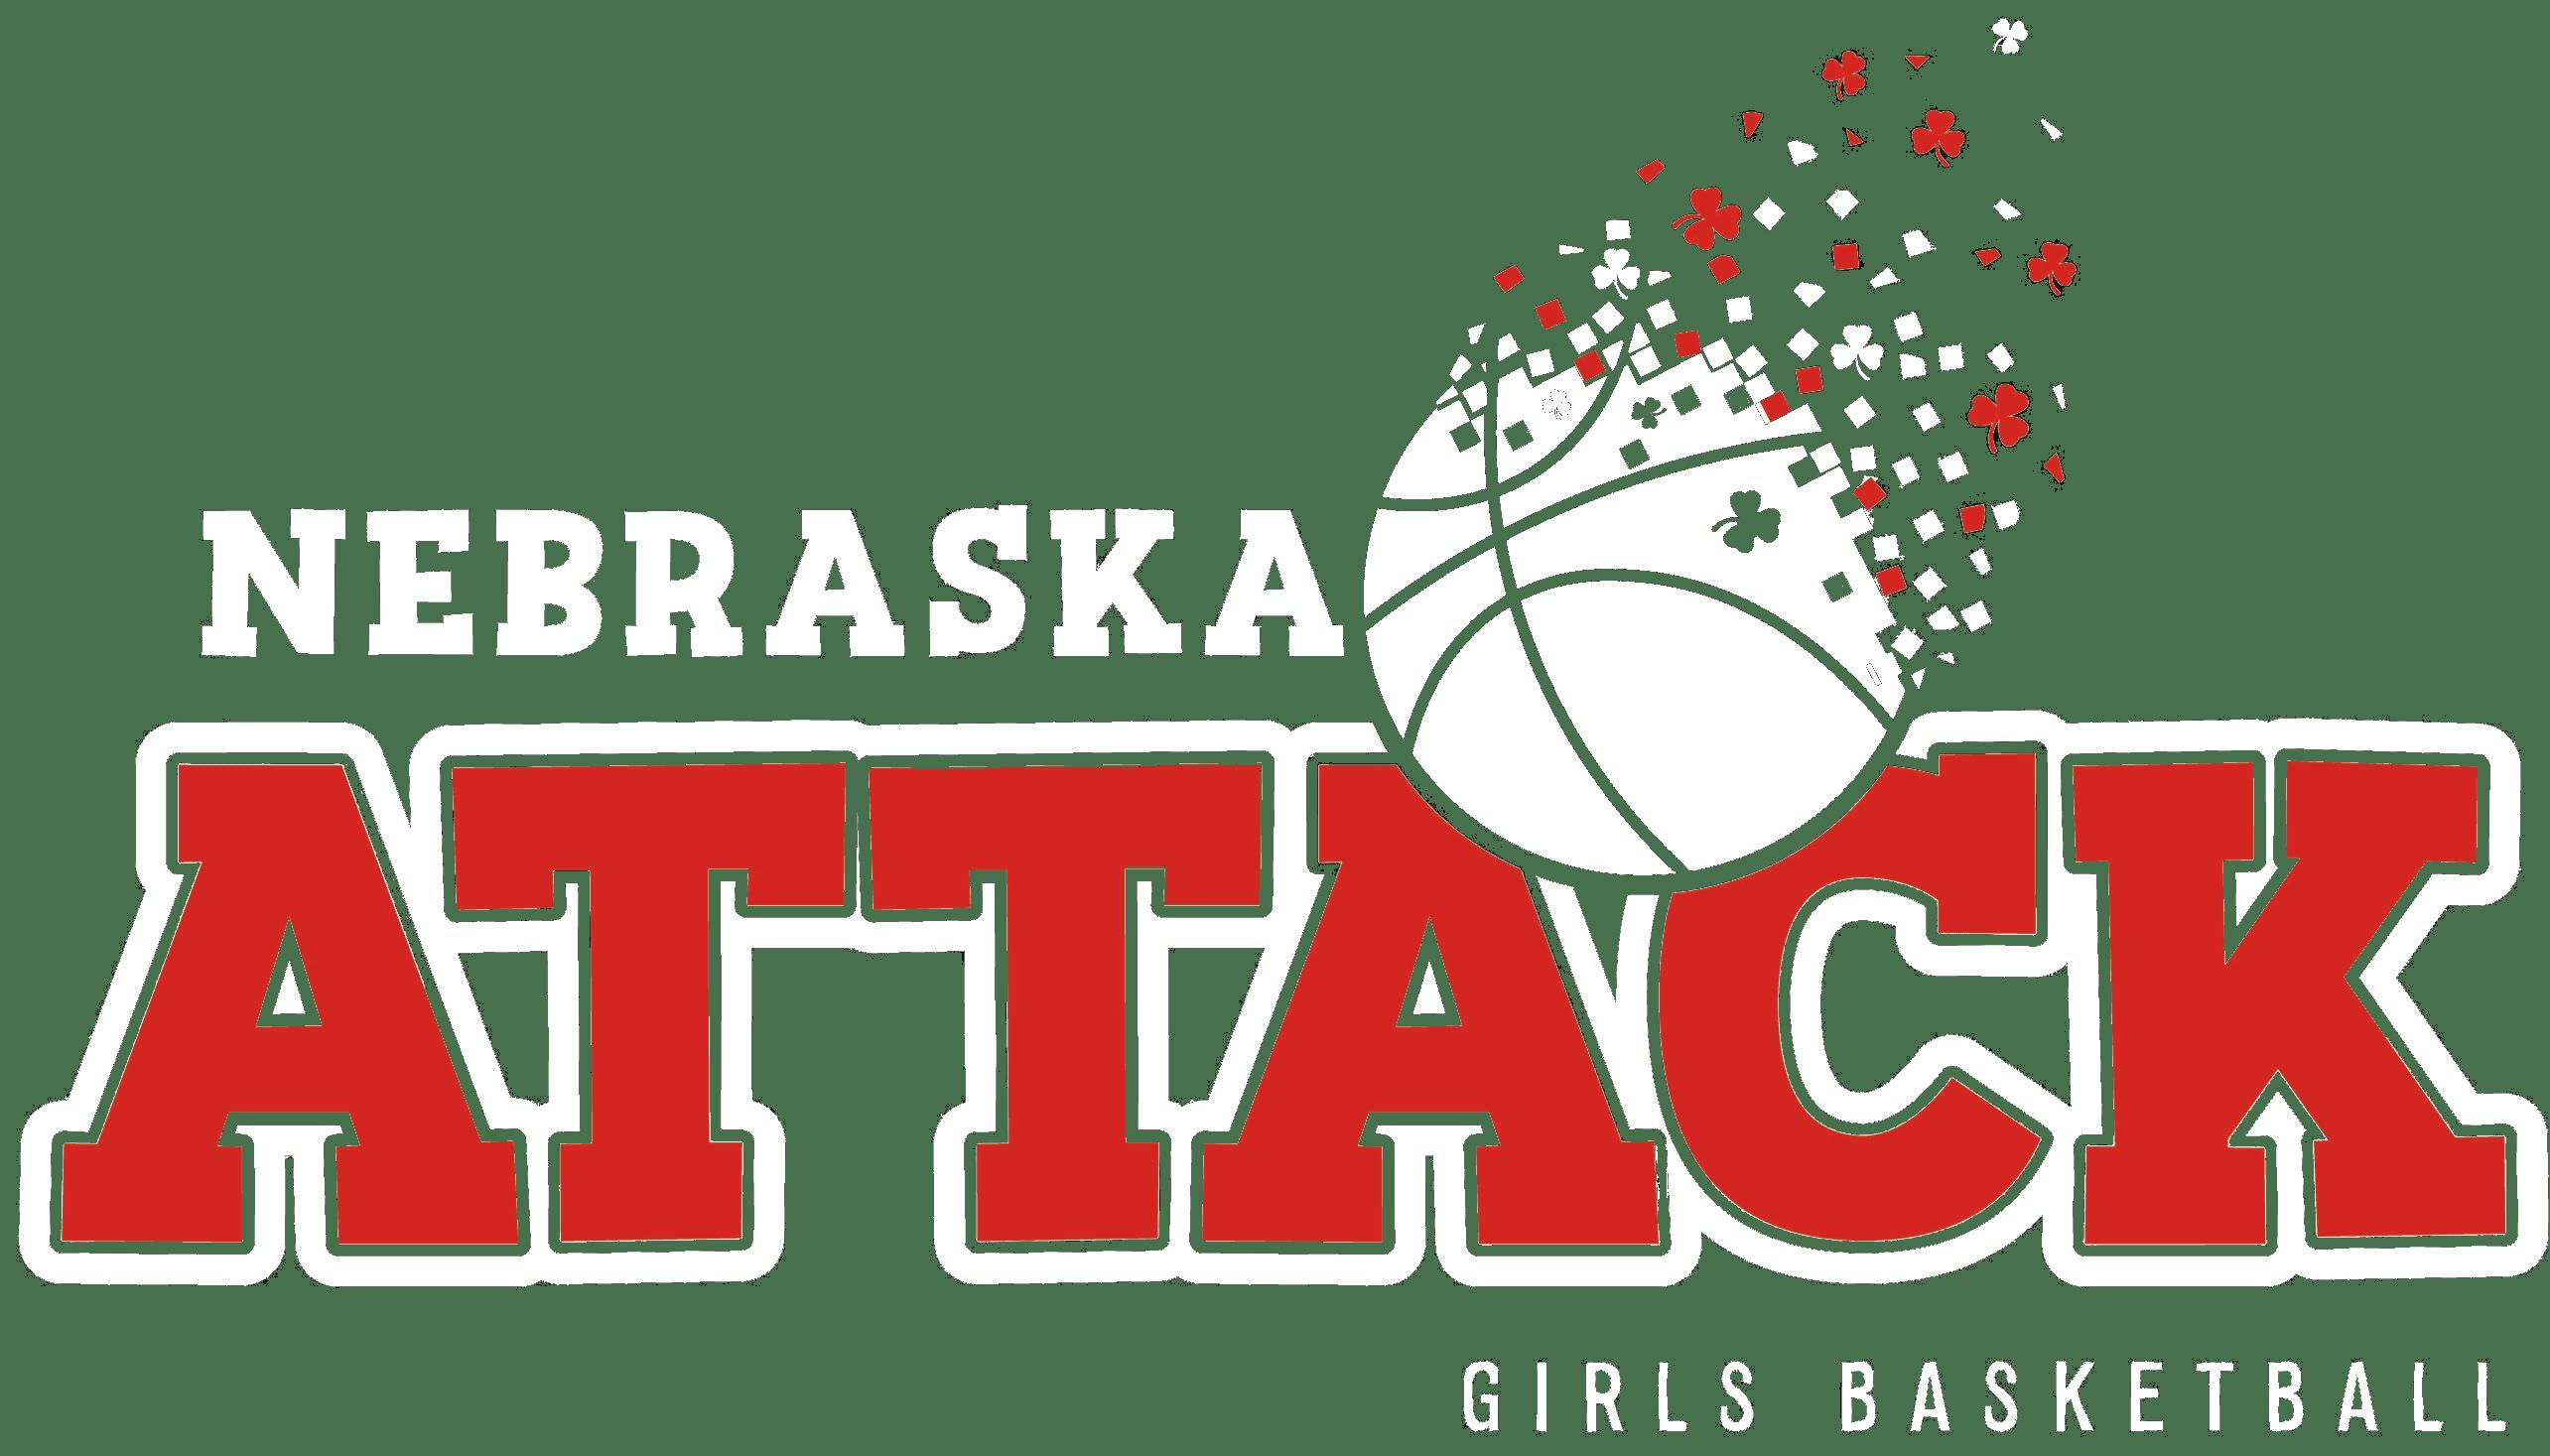 Nebraska Attack Basketball